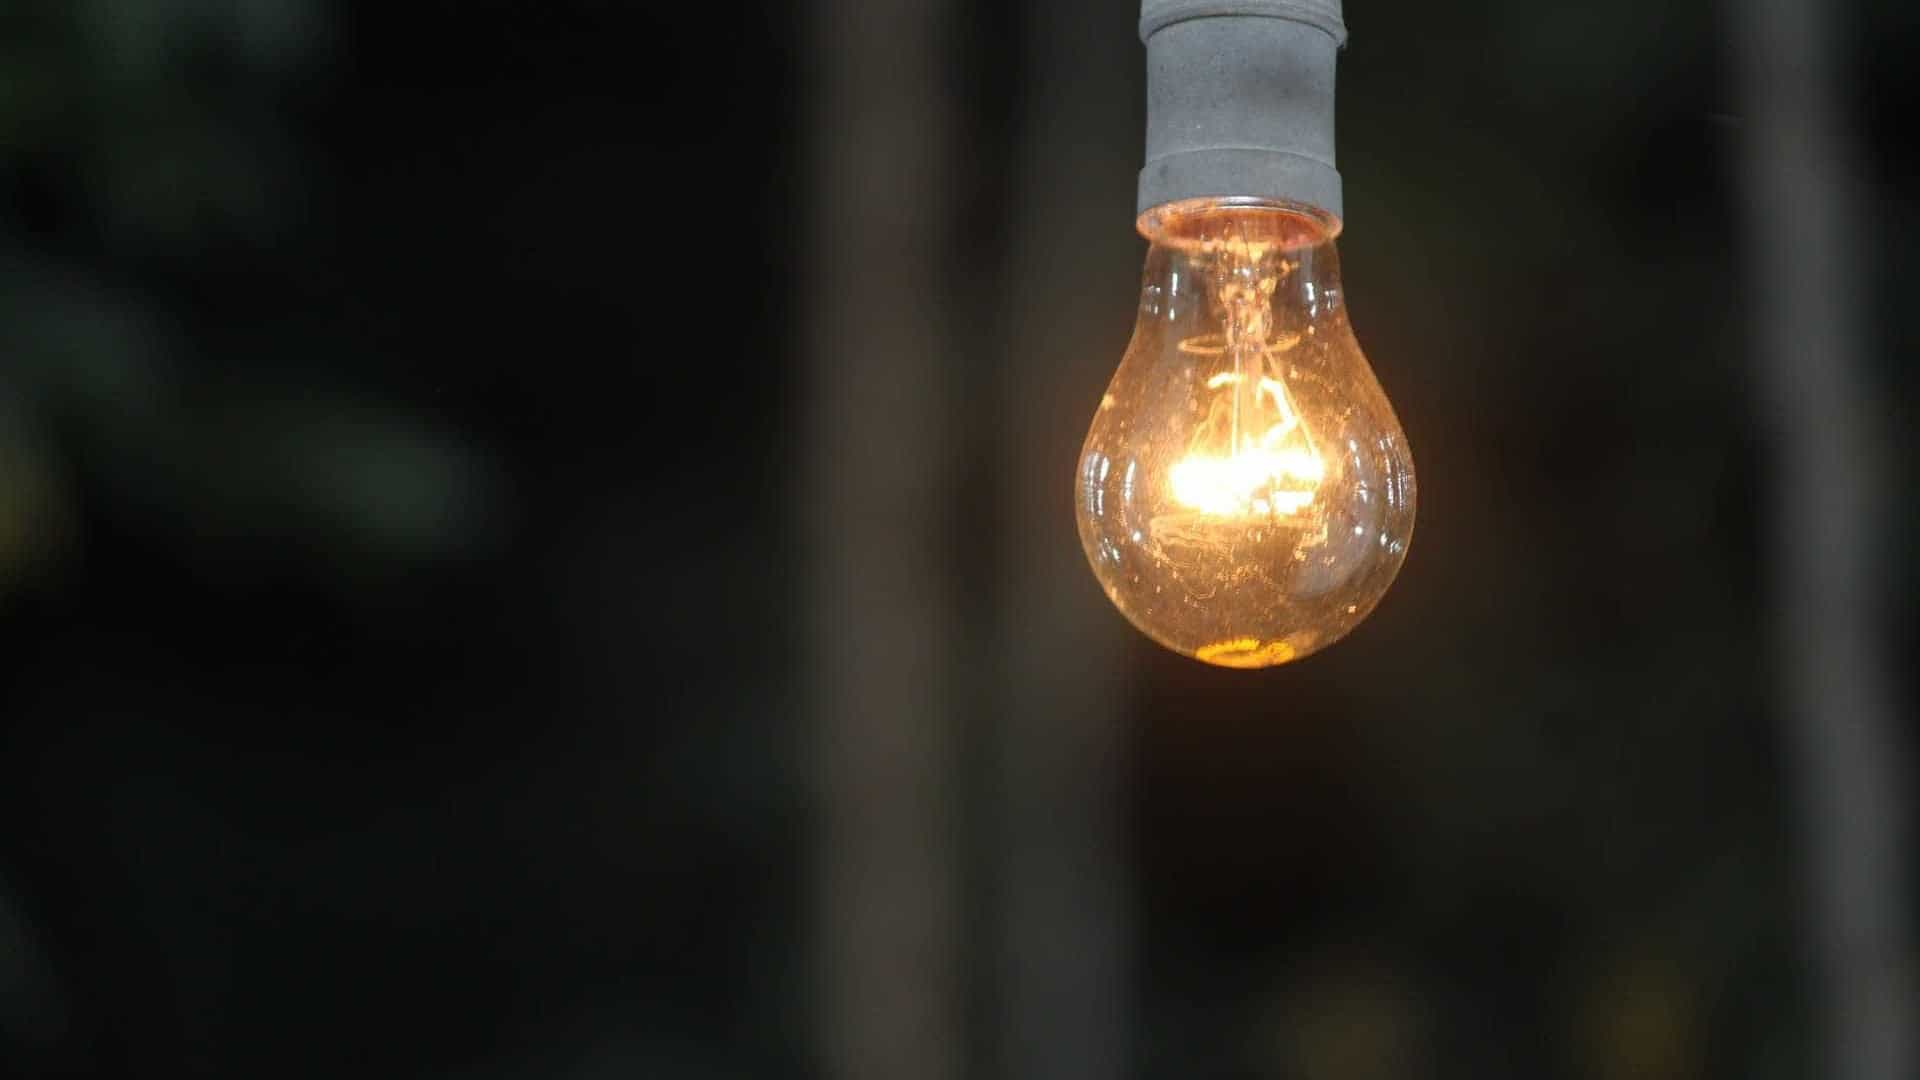 Orçamento do Luz para Todos em 2019 será de R$ 1,07 bilhão